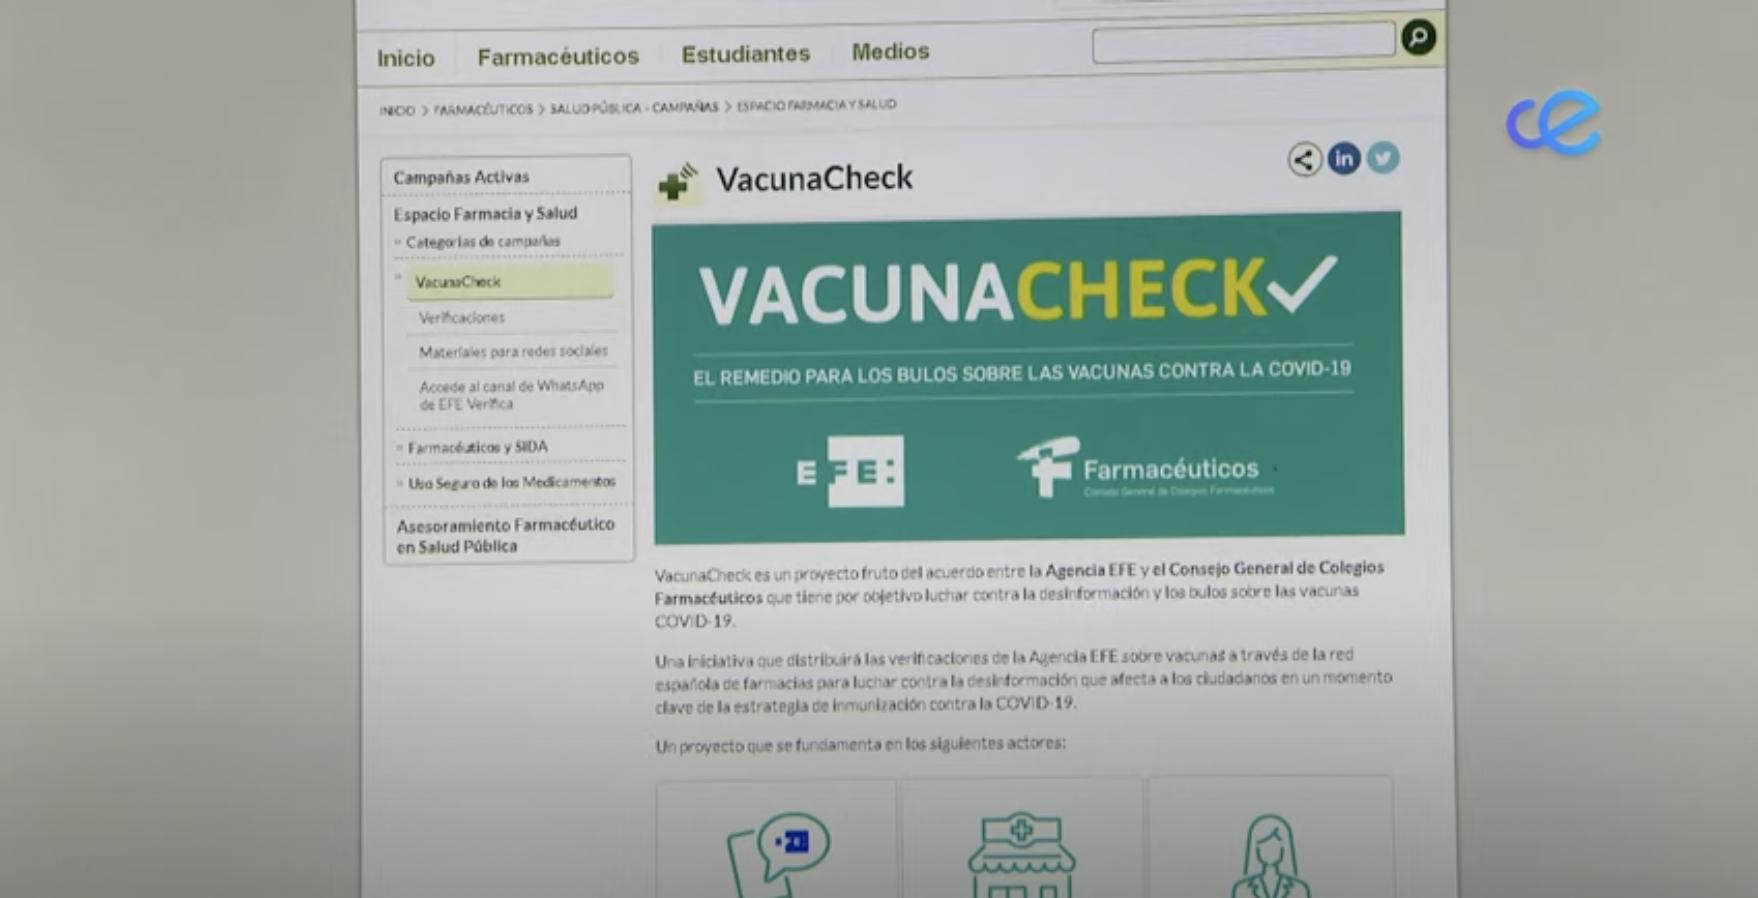 Participación en RTVCE para hablar sobre la plataforma VacunaCheck